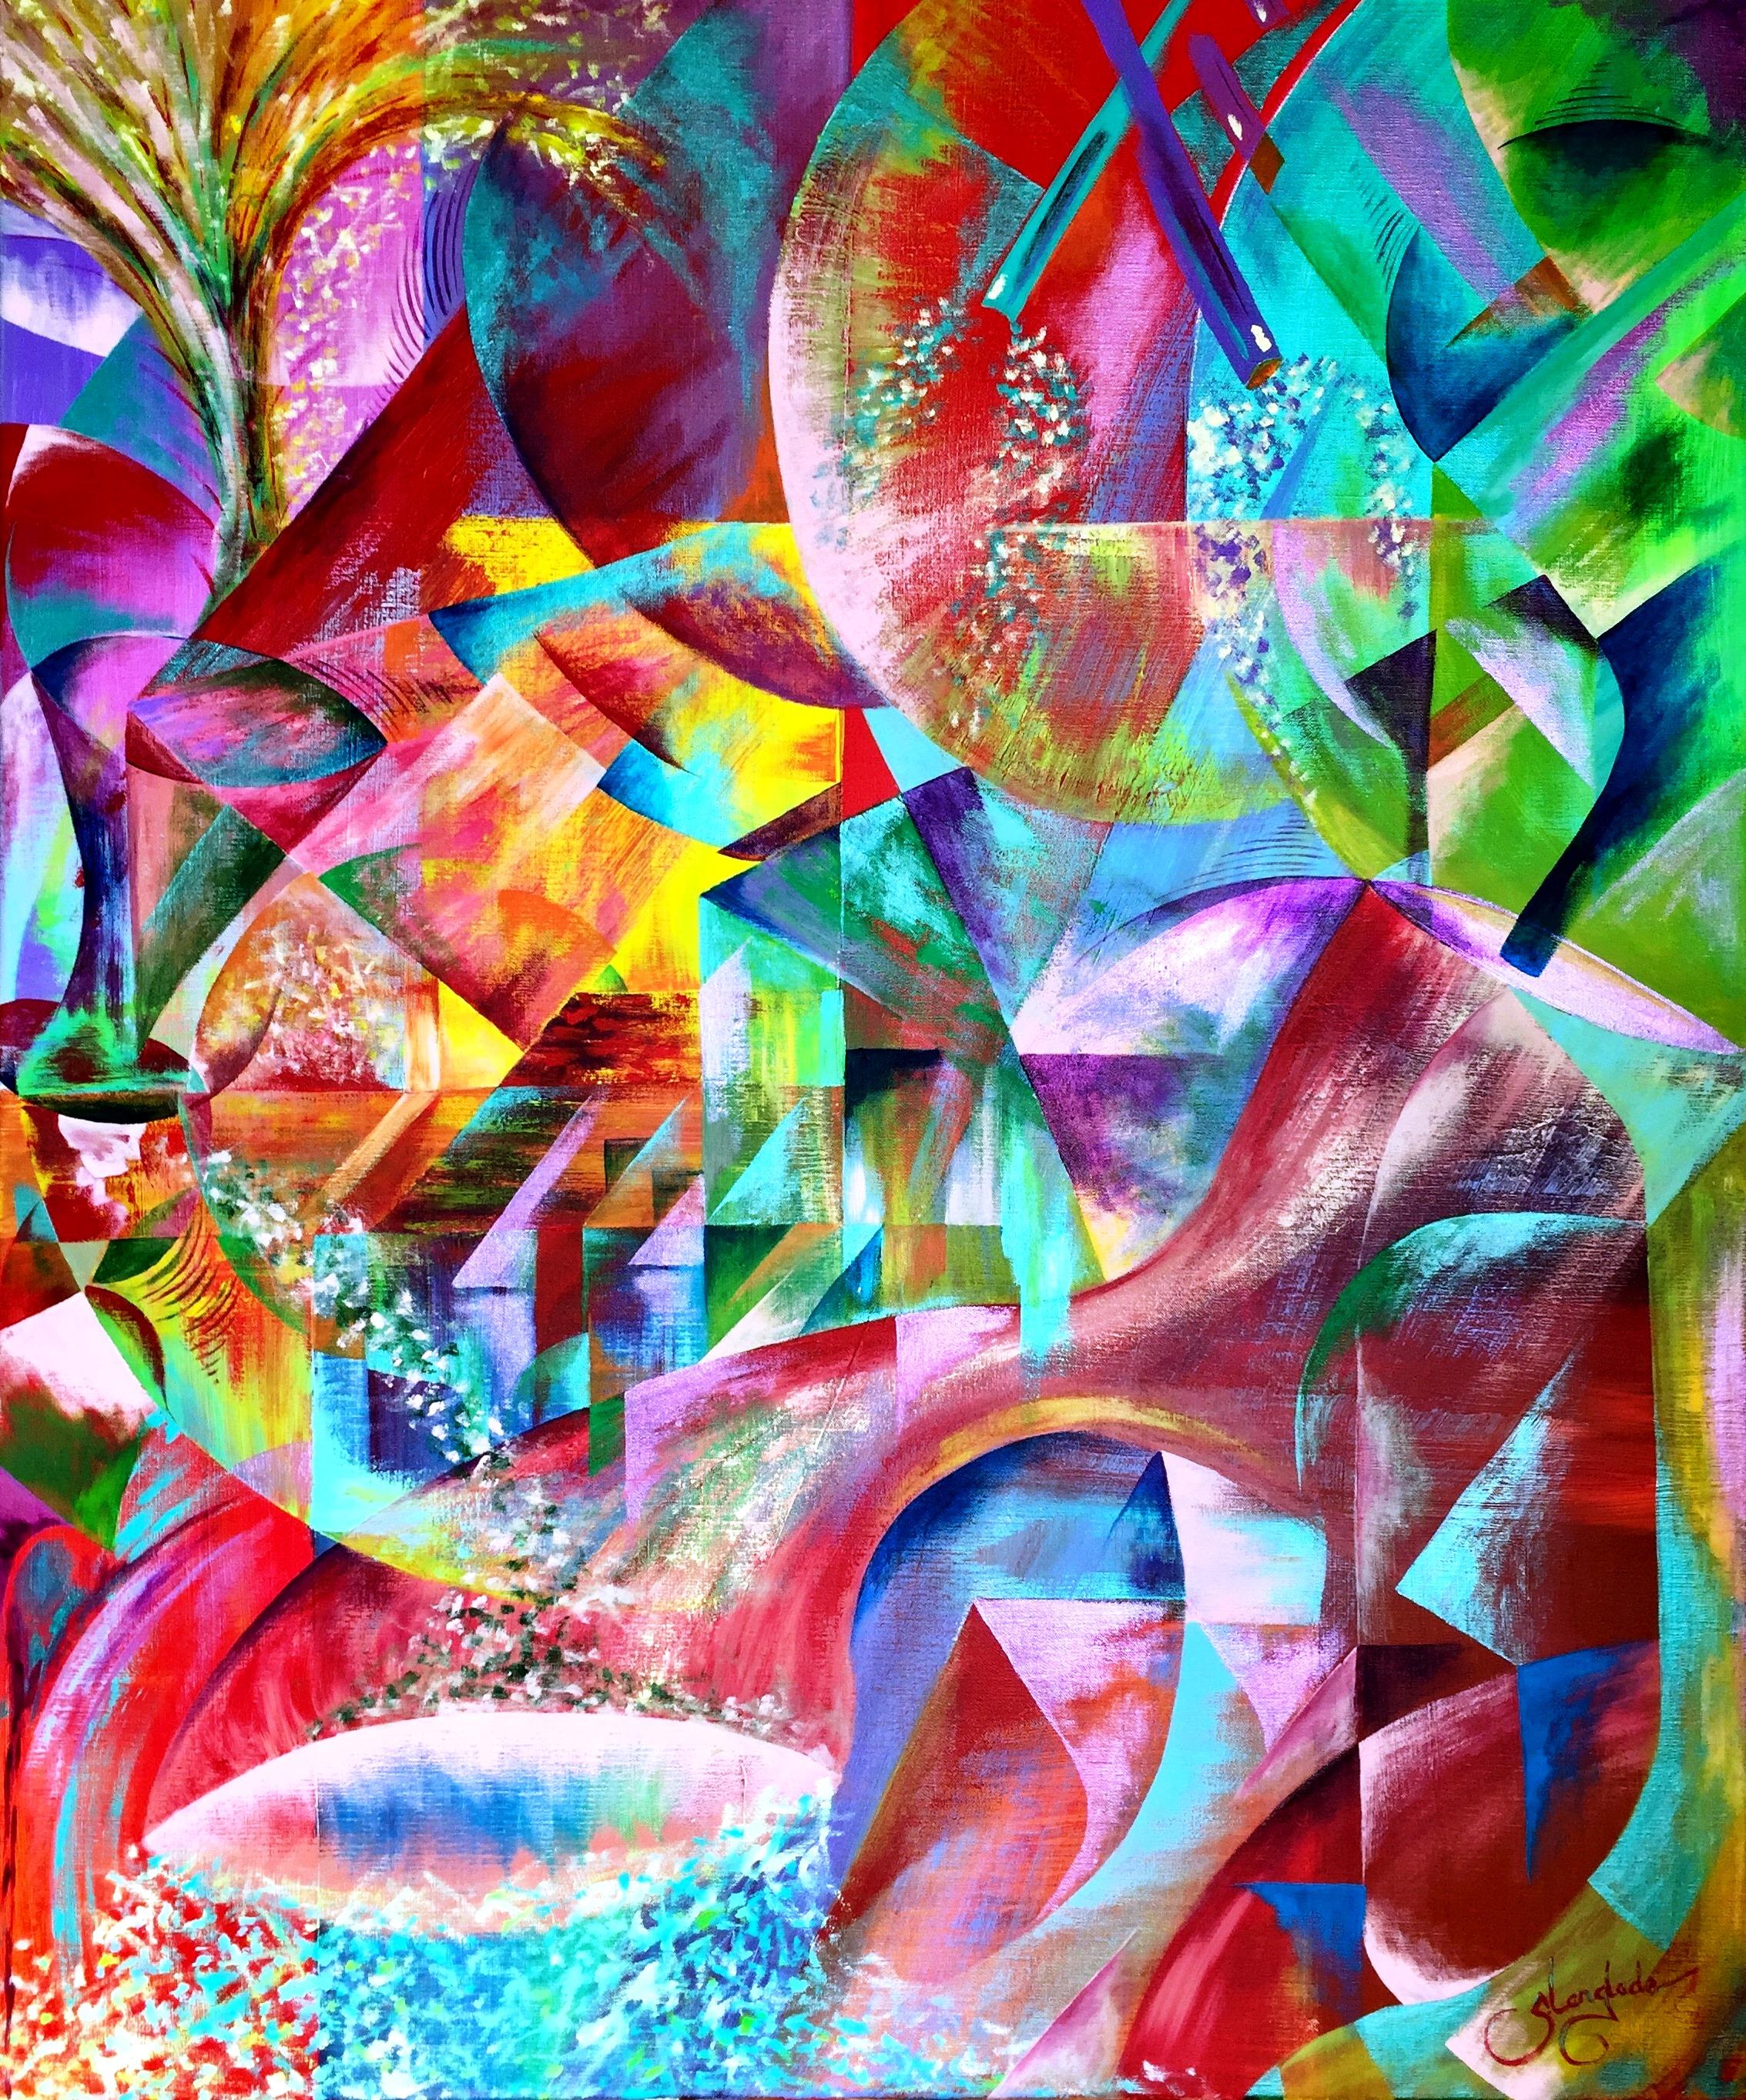 2017 Magic Chaos HD.jpg